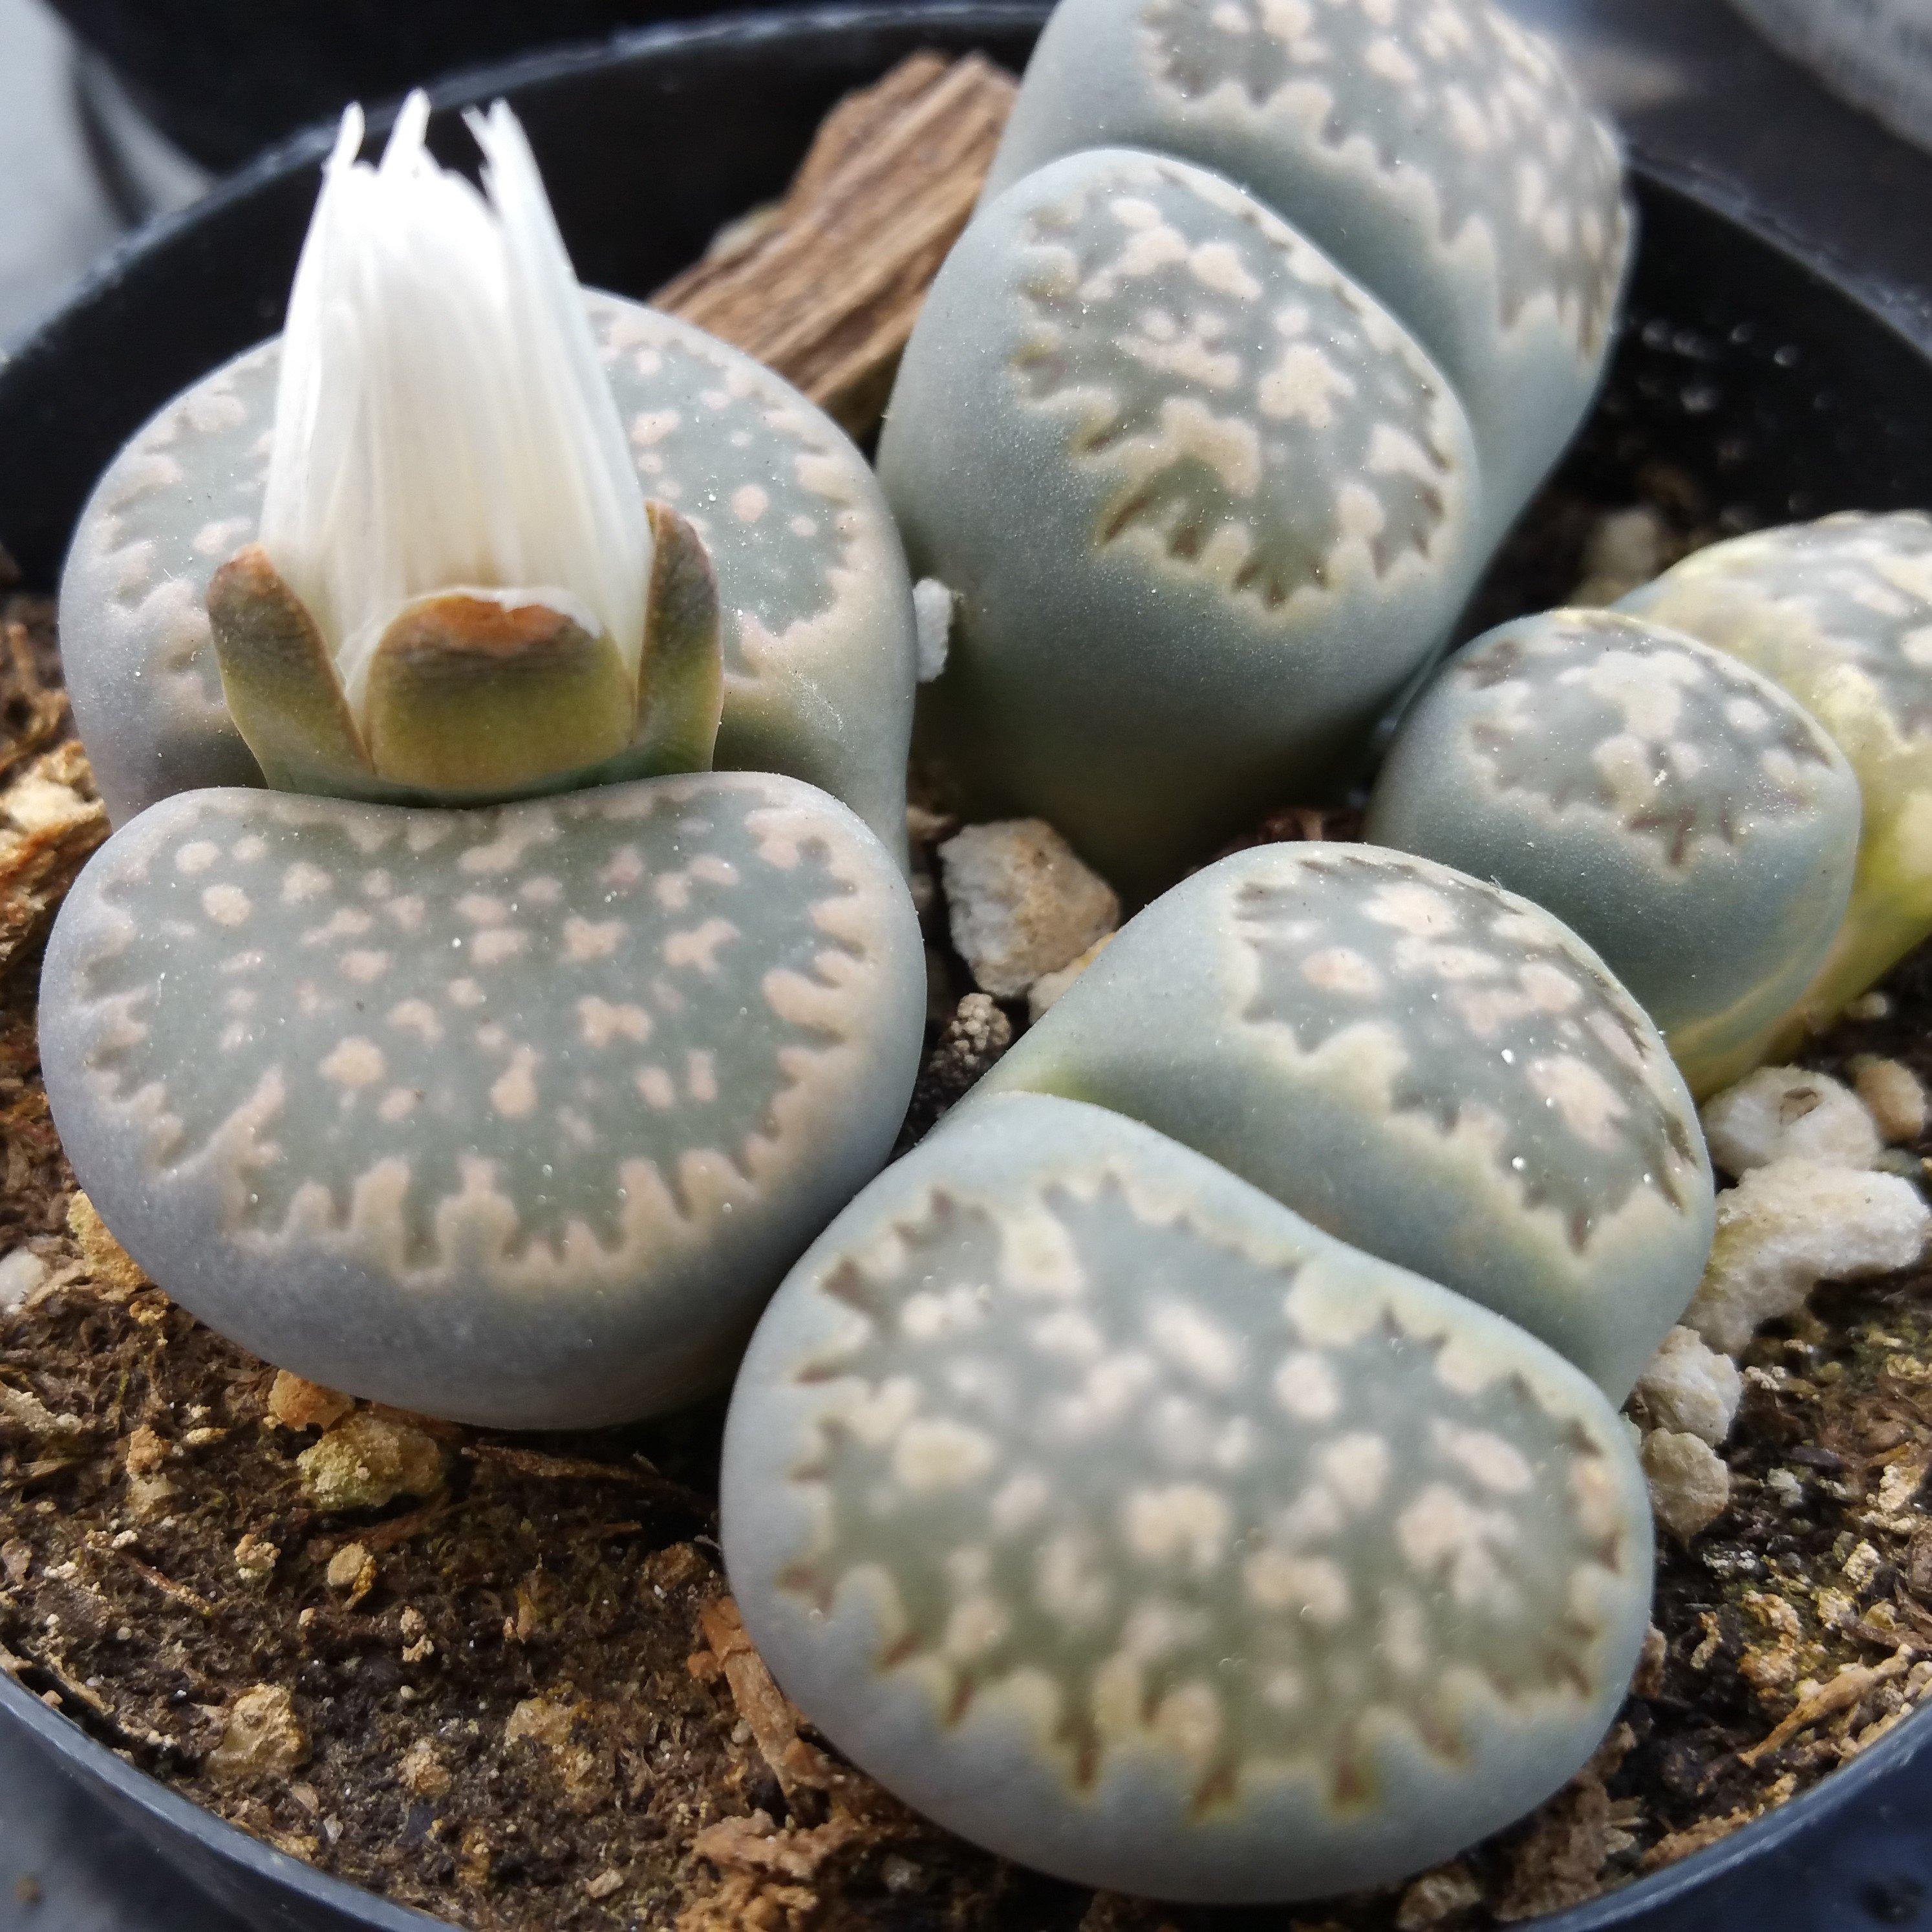 Todo sobre el Lithops o Cactus piedra Cactus y Suculentas